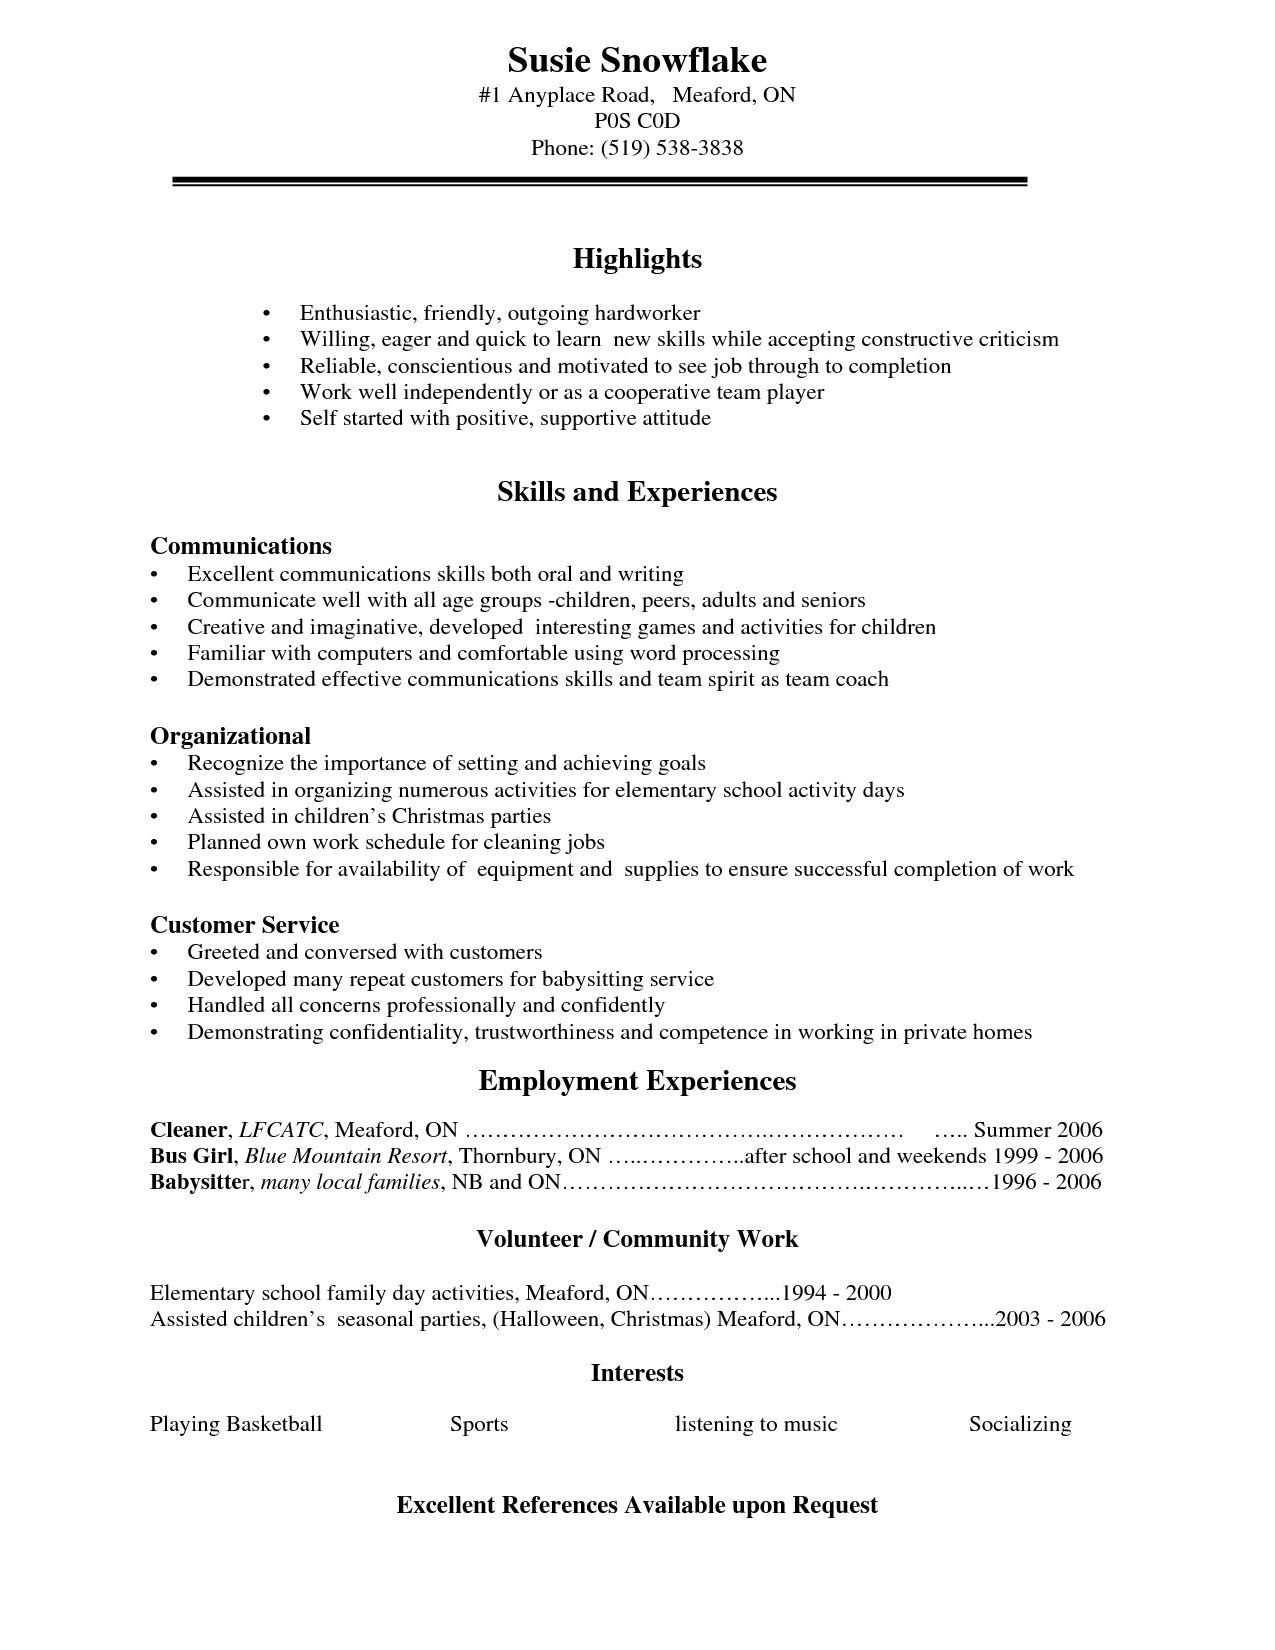 resume exemplars